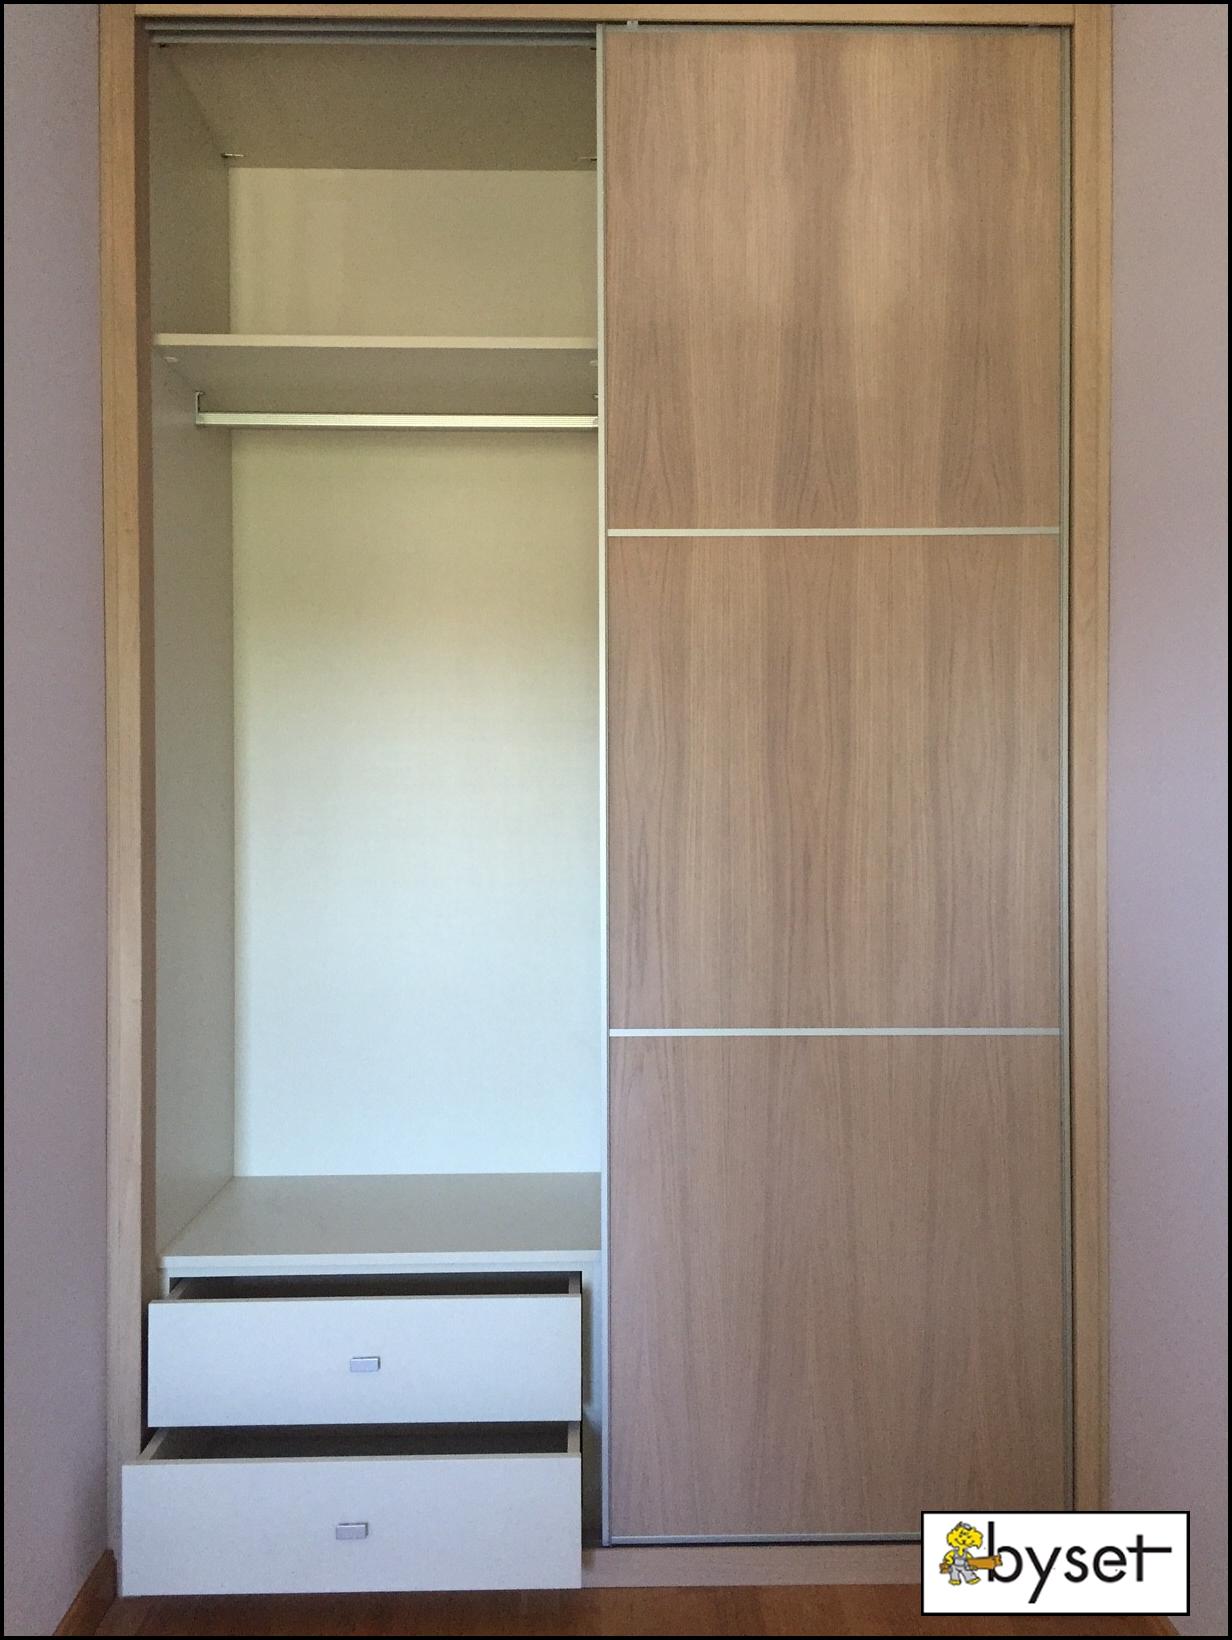 Puertas correderas para armarios empotrados precios - Puertas correderas o abatibles ...